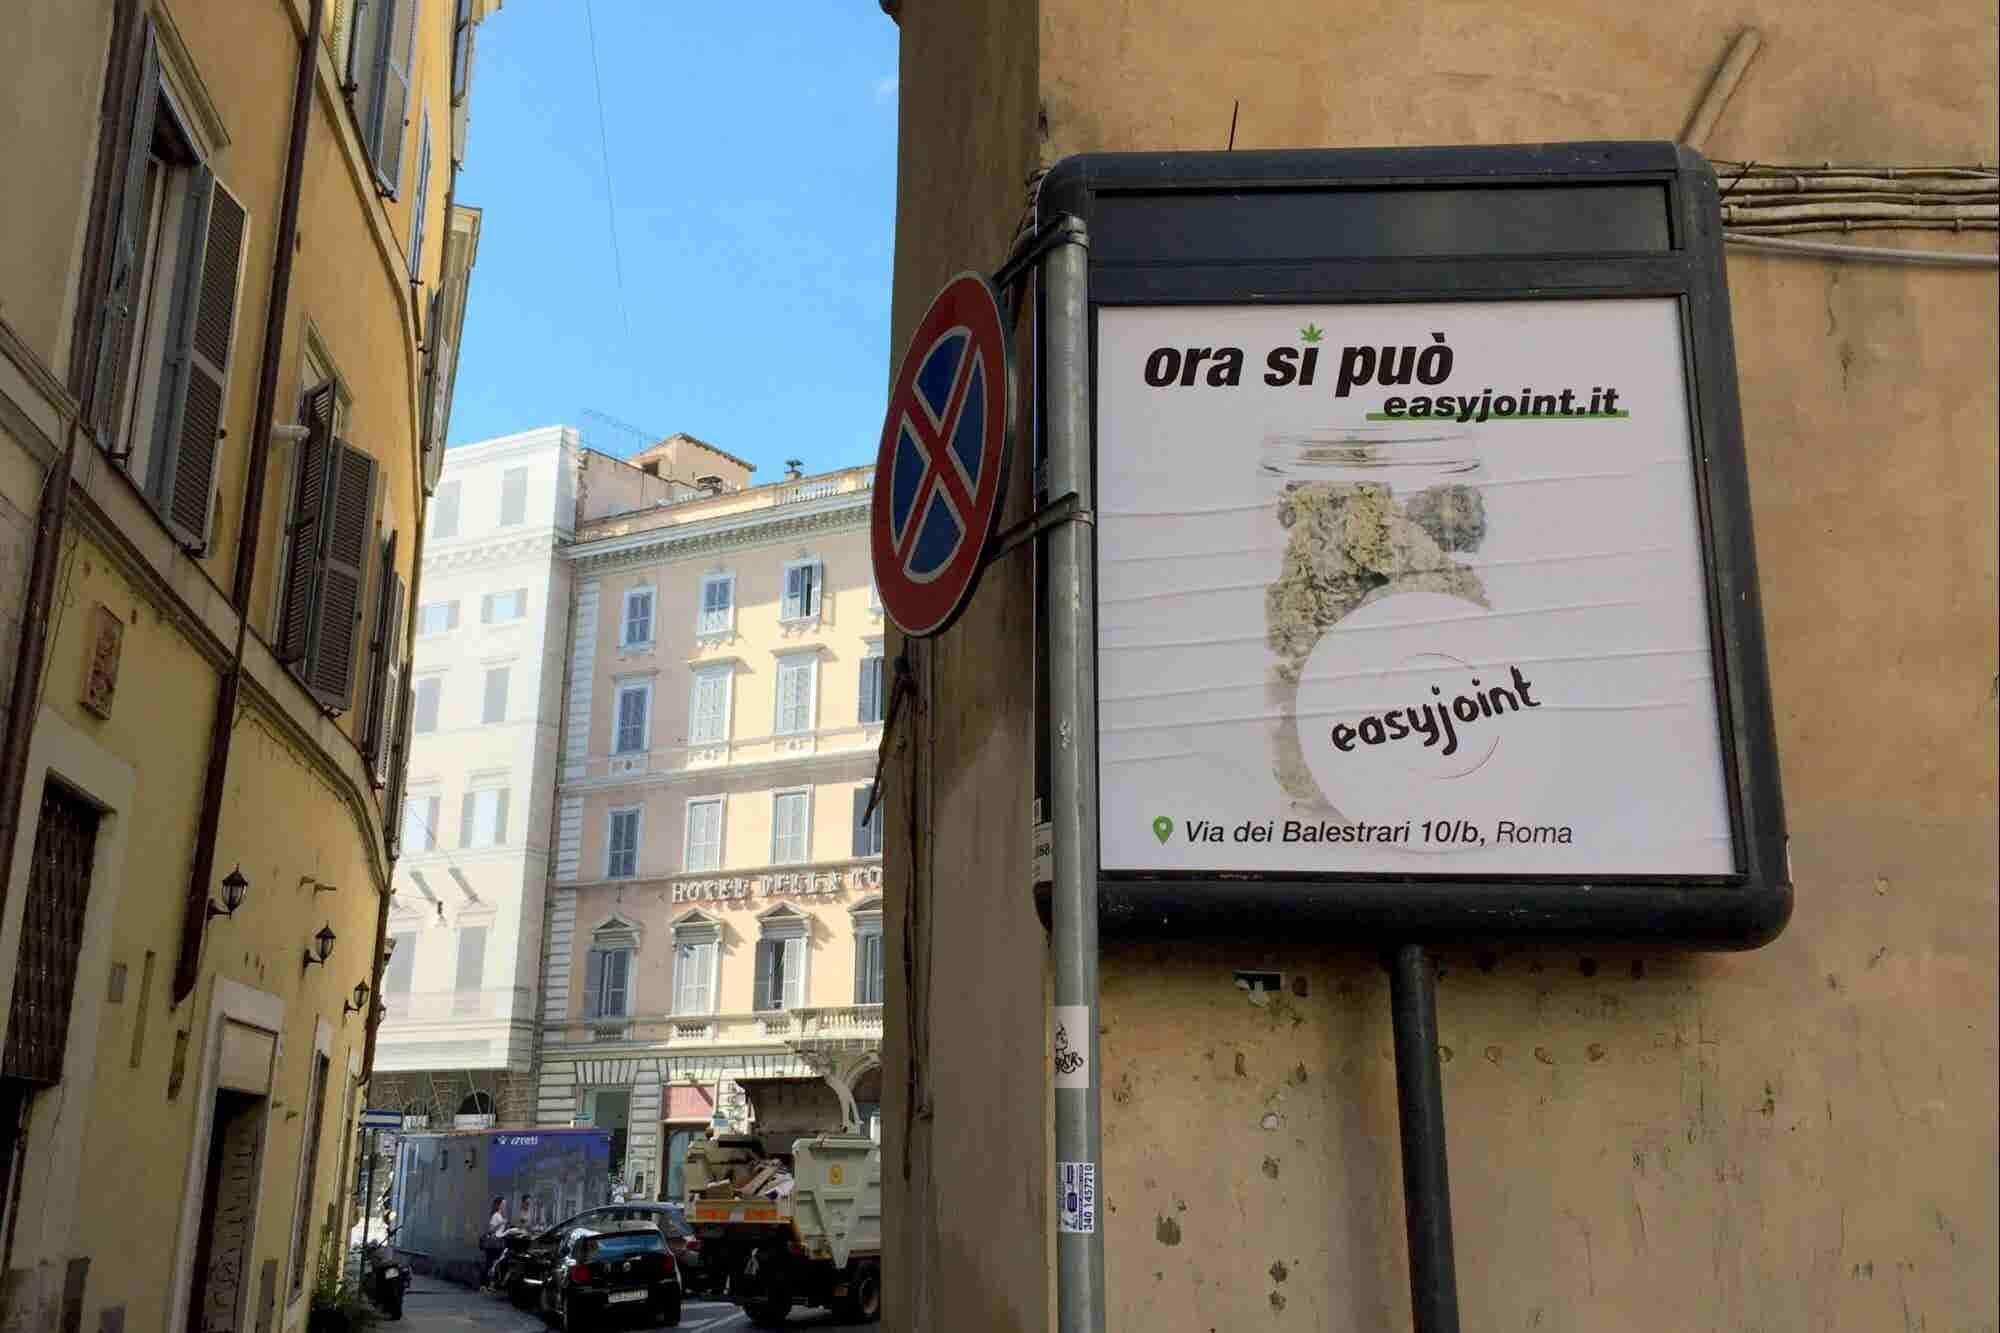 Italia accidentalmente legalizó la marihuana y ahora la mafia está per...